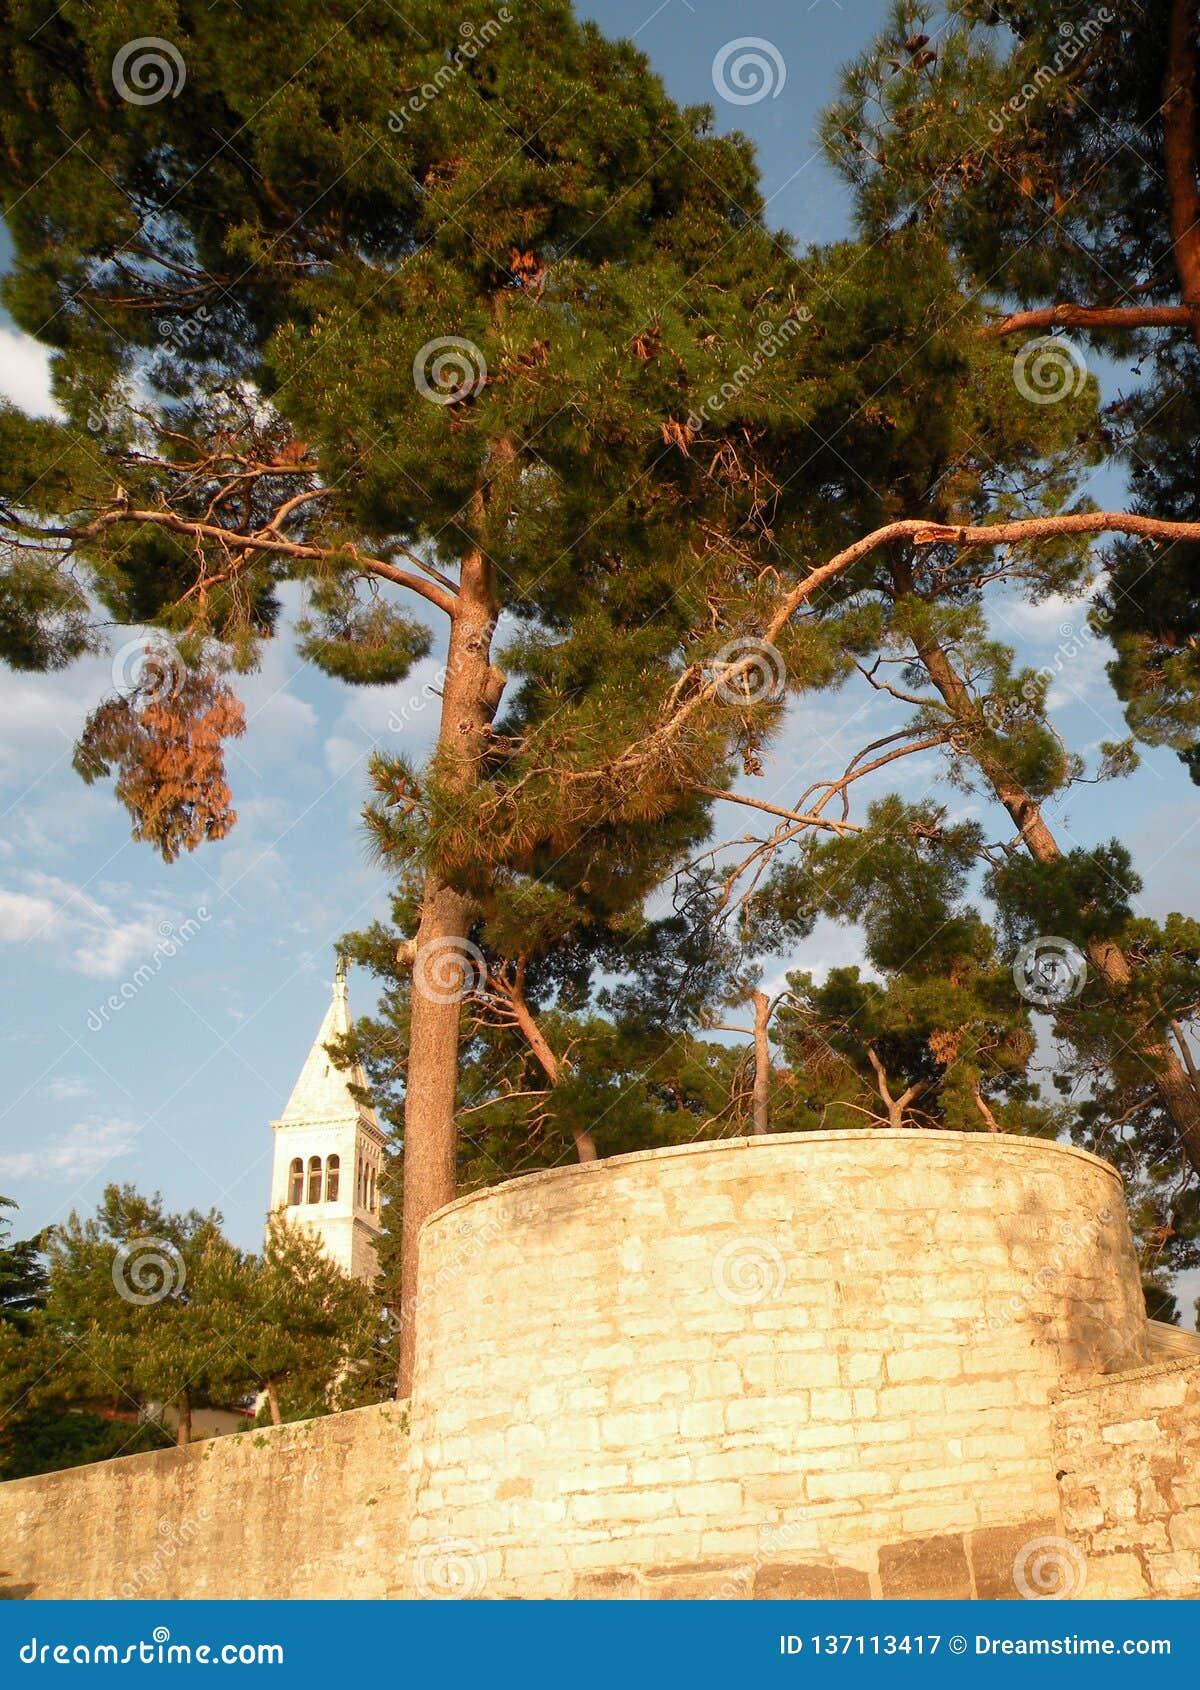 Ciudad vieja de Istrian de Novigrad, Croacia Una iglesia hermosa con un alto campanario elegante, callejones de piedra y una casa